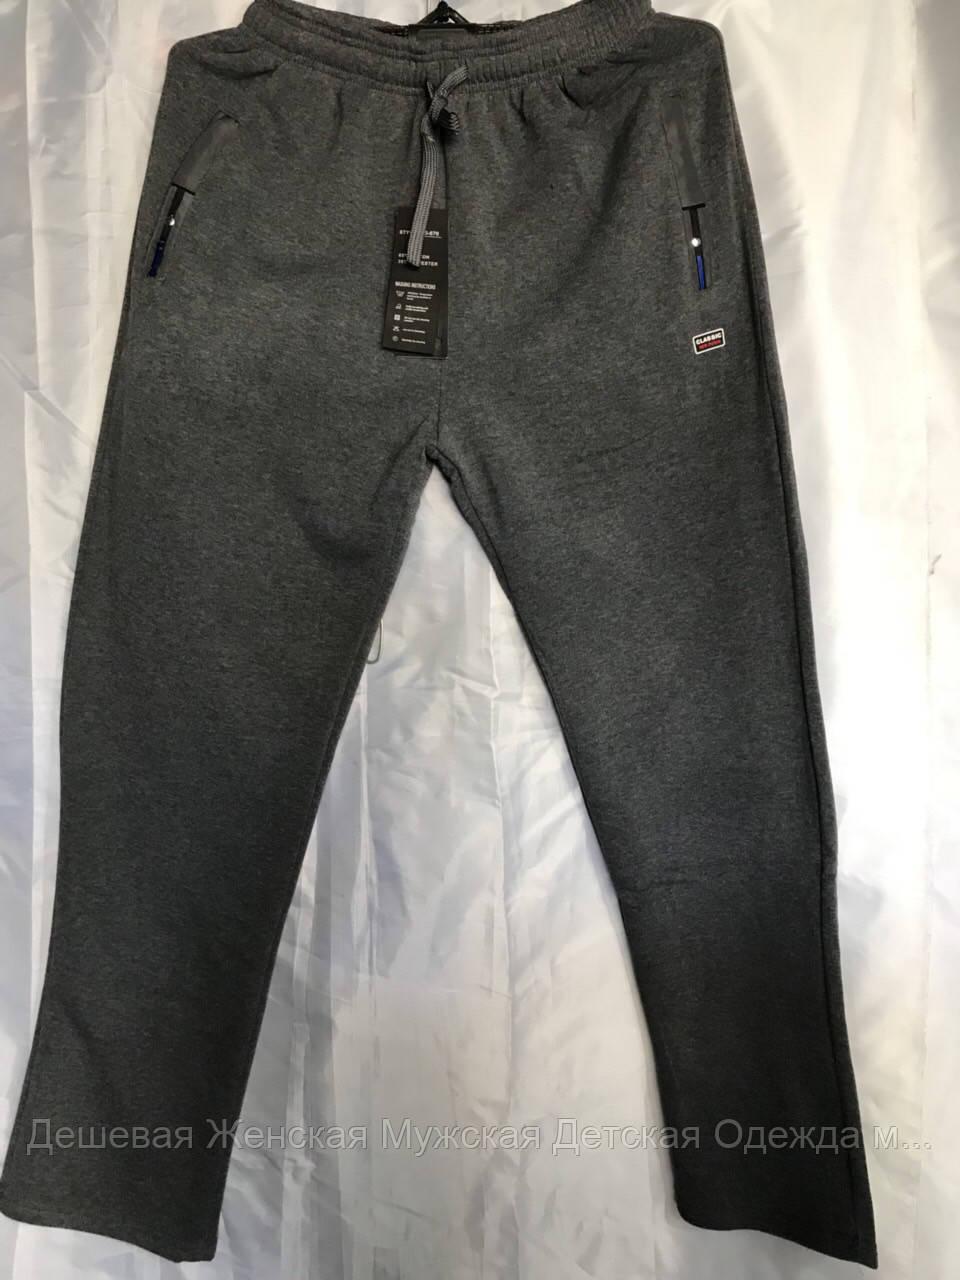 Мужские спорт штаны трикотаж на флисе пр-во Венгрия